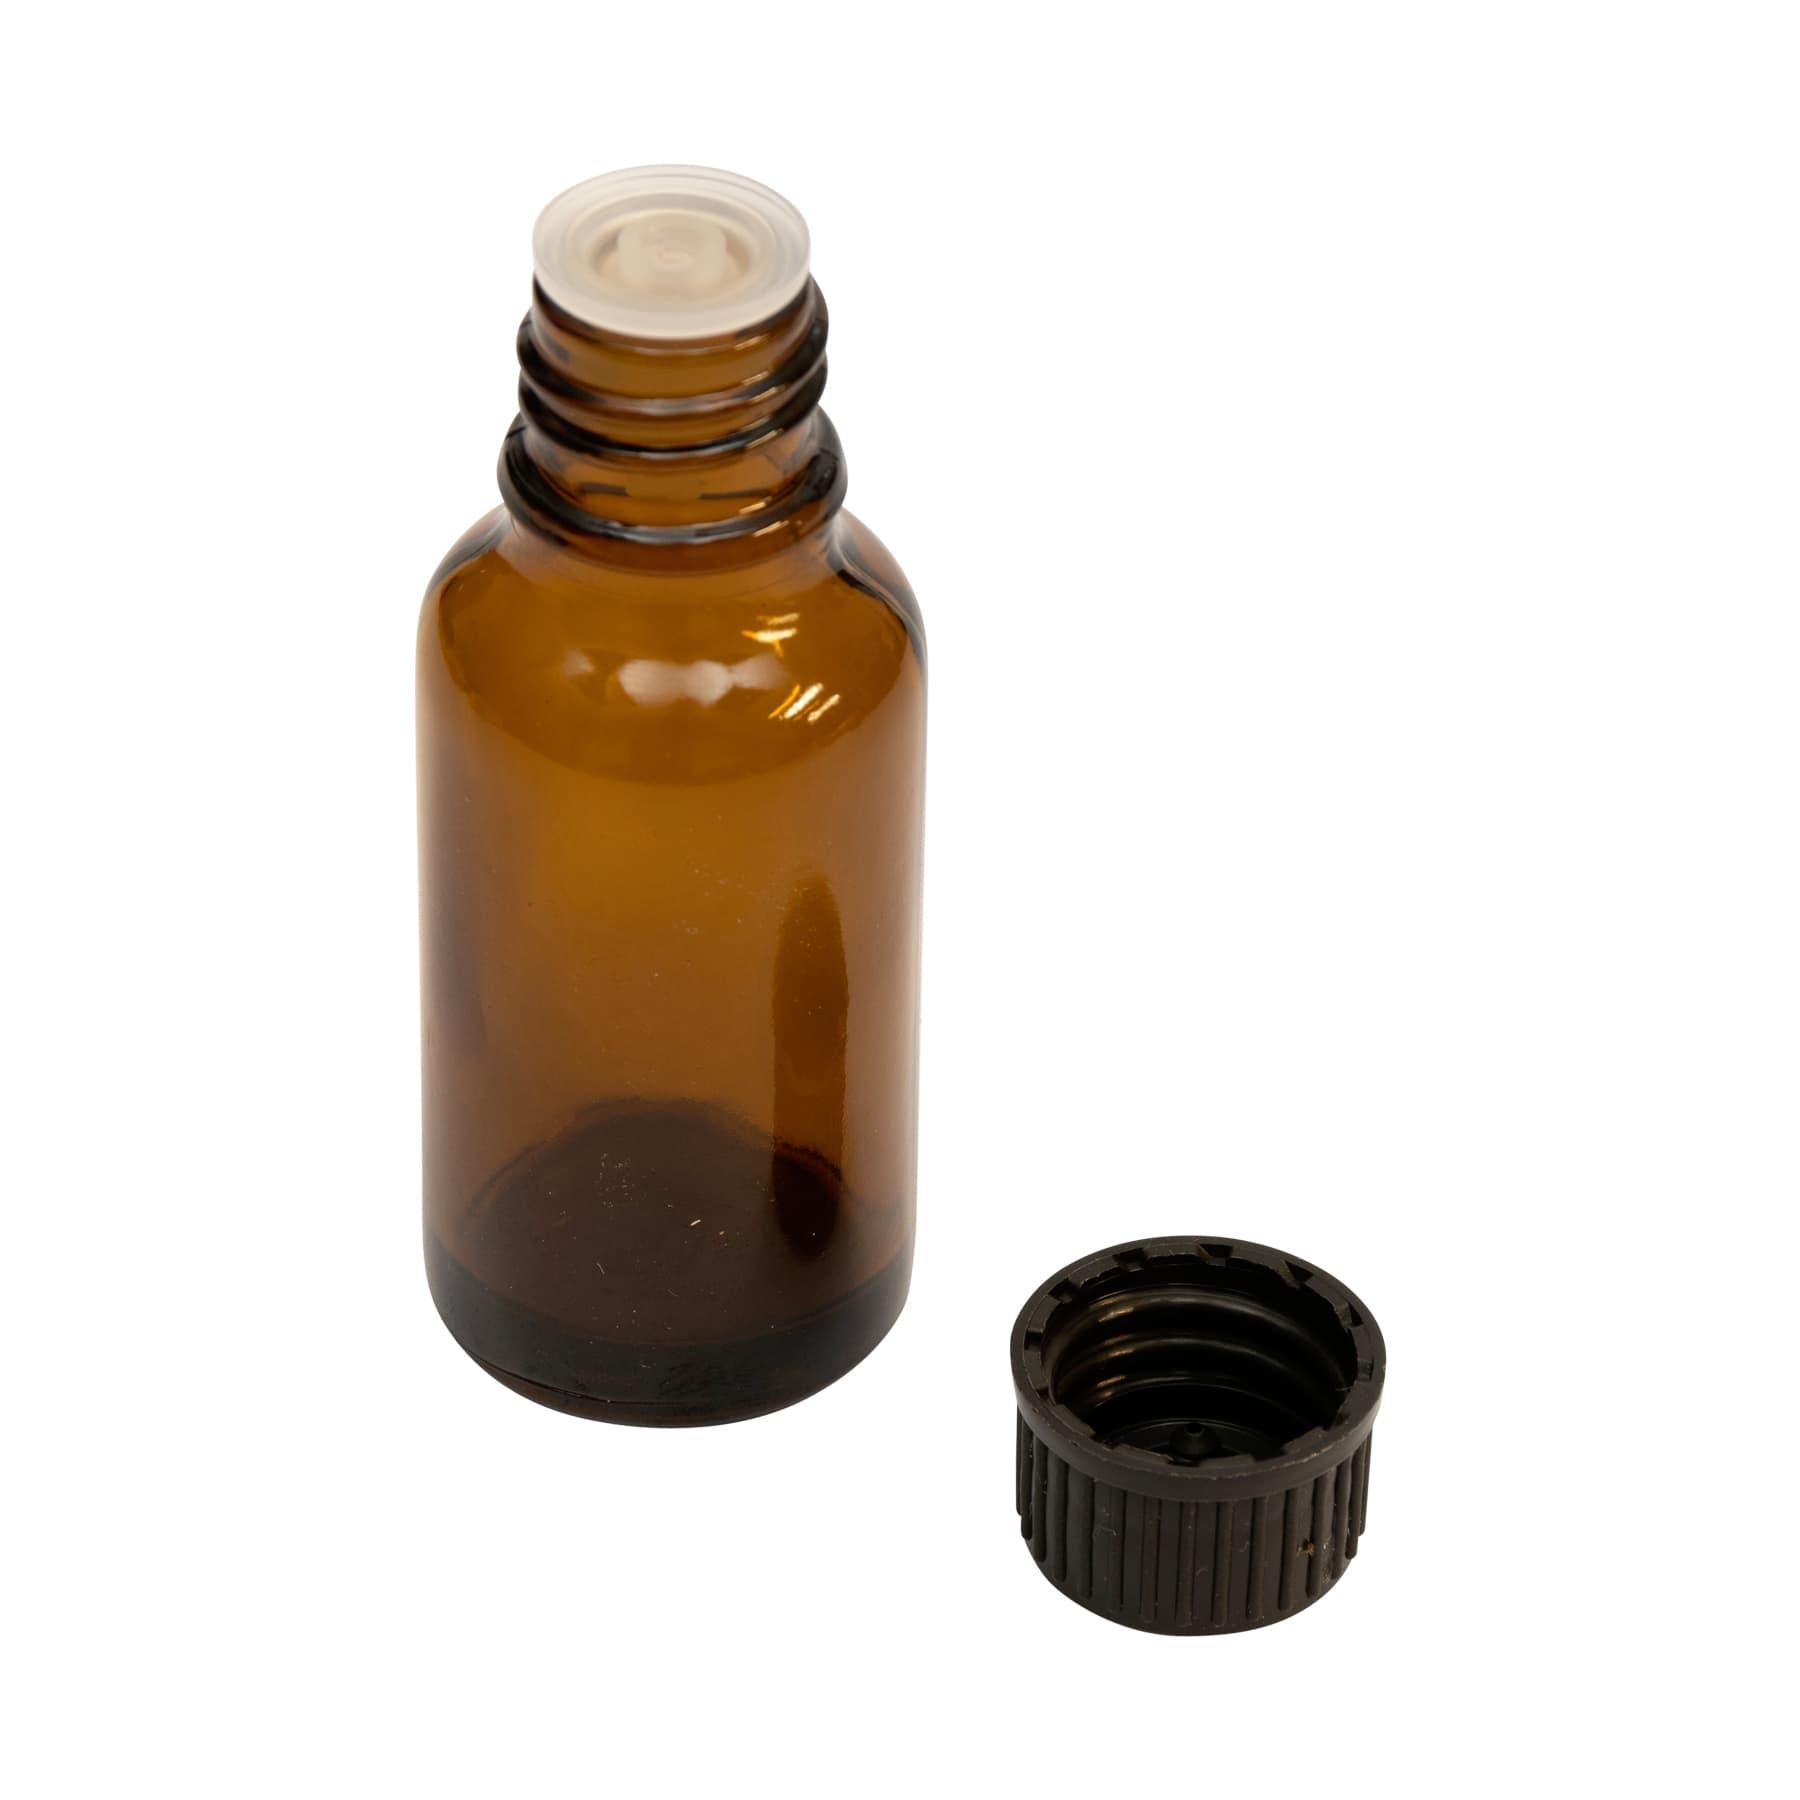 Tropfflasche 20 ml mit Tropferverschluss